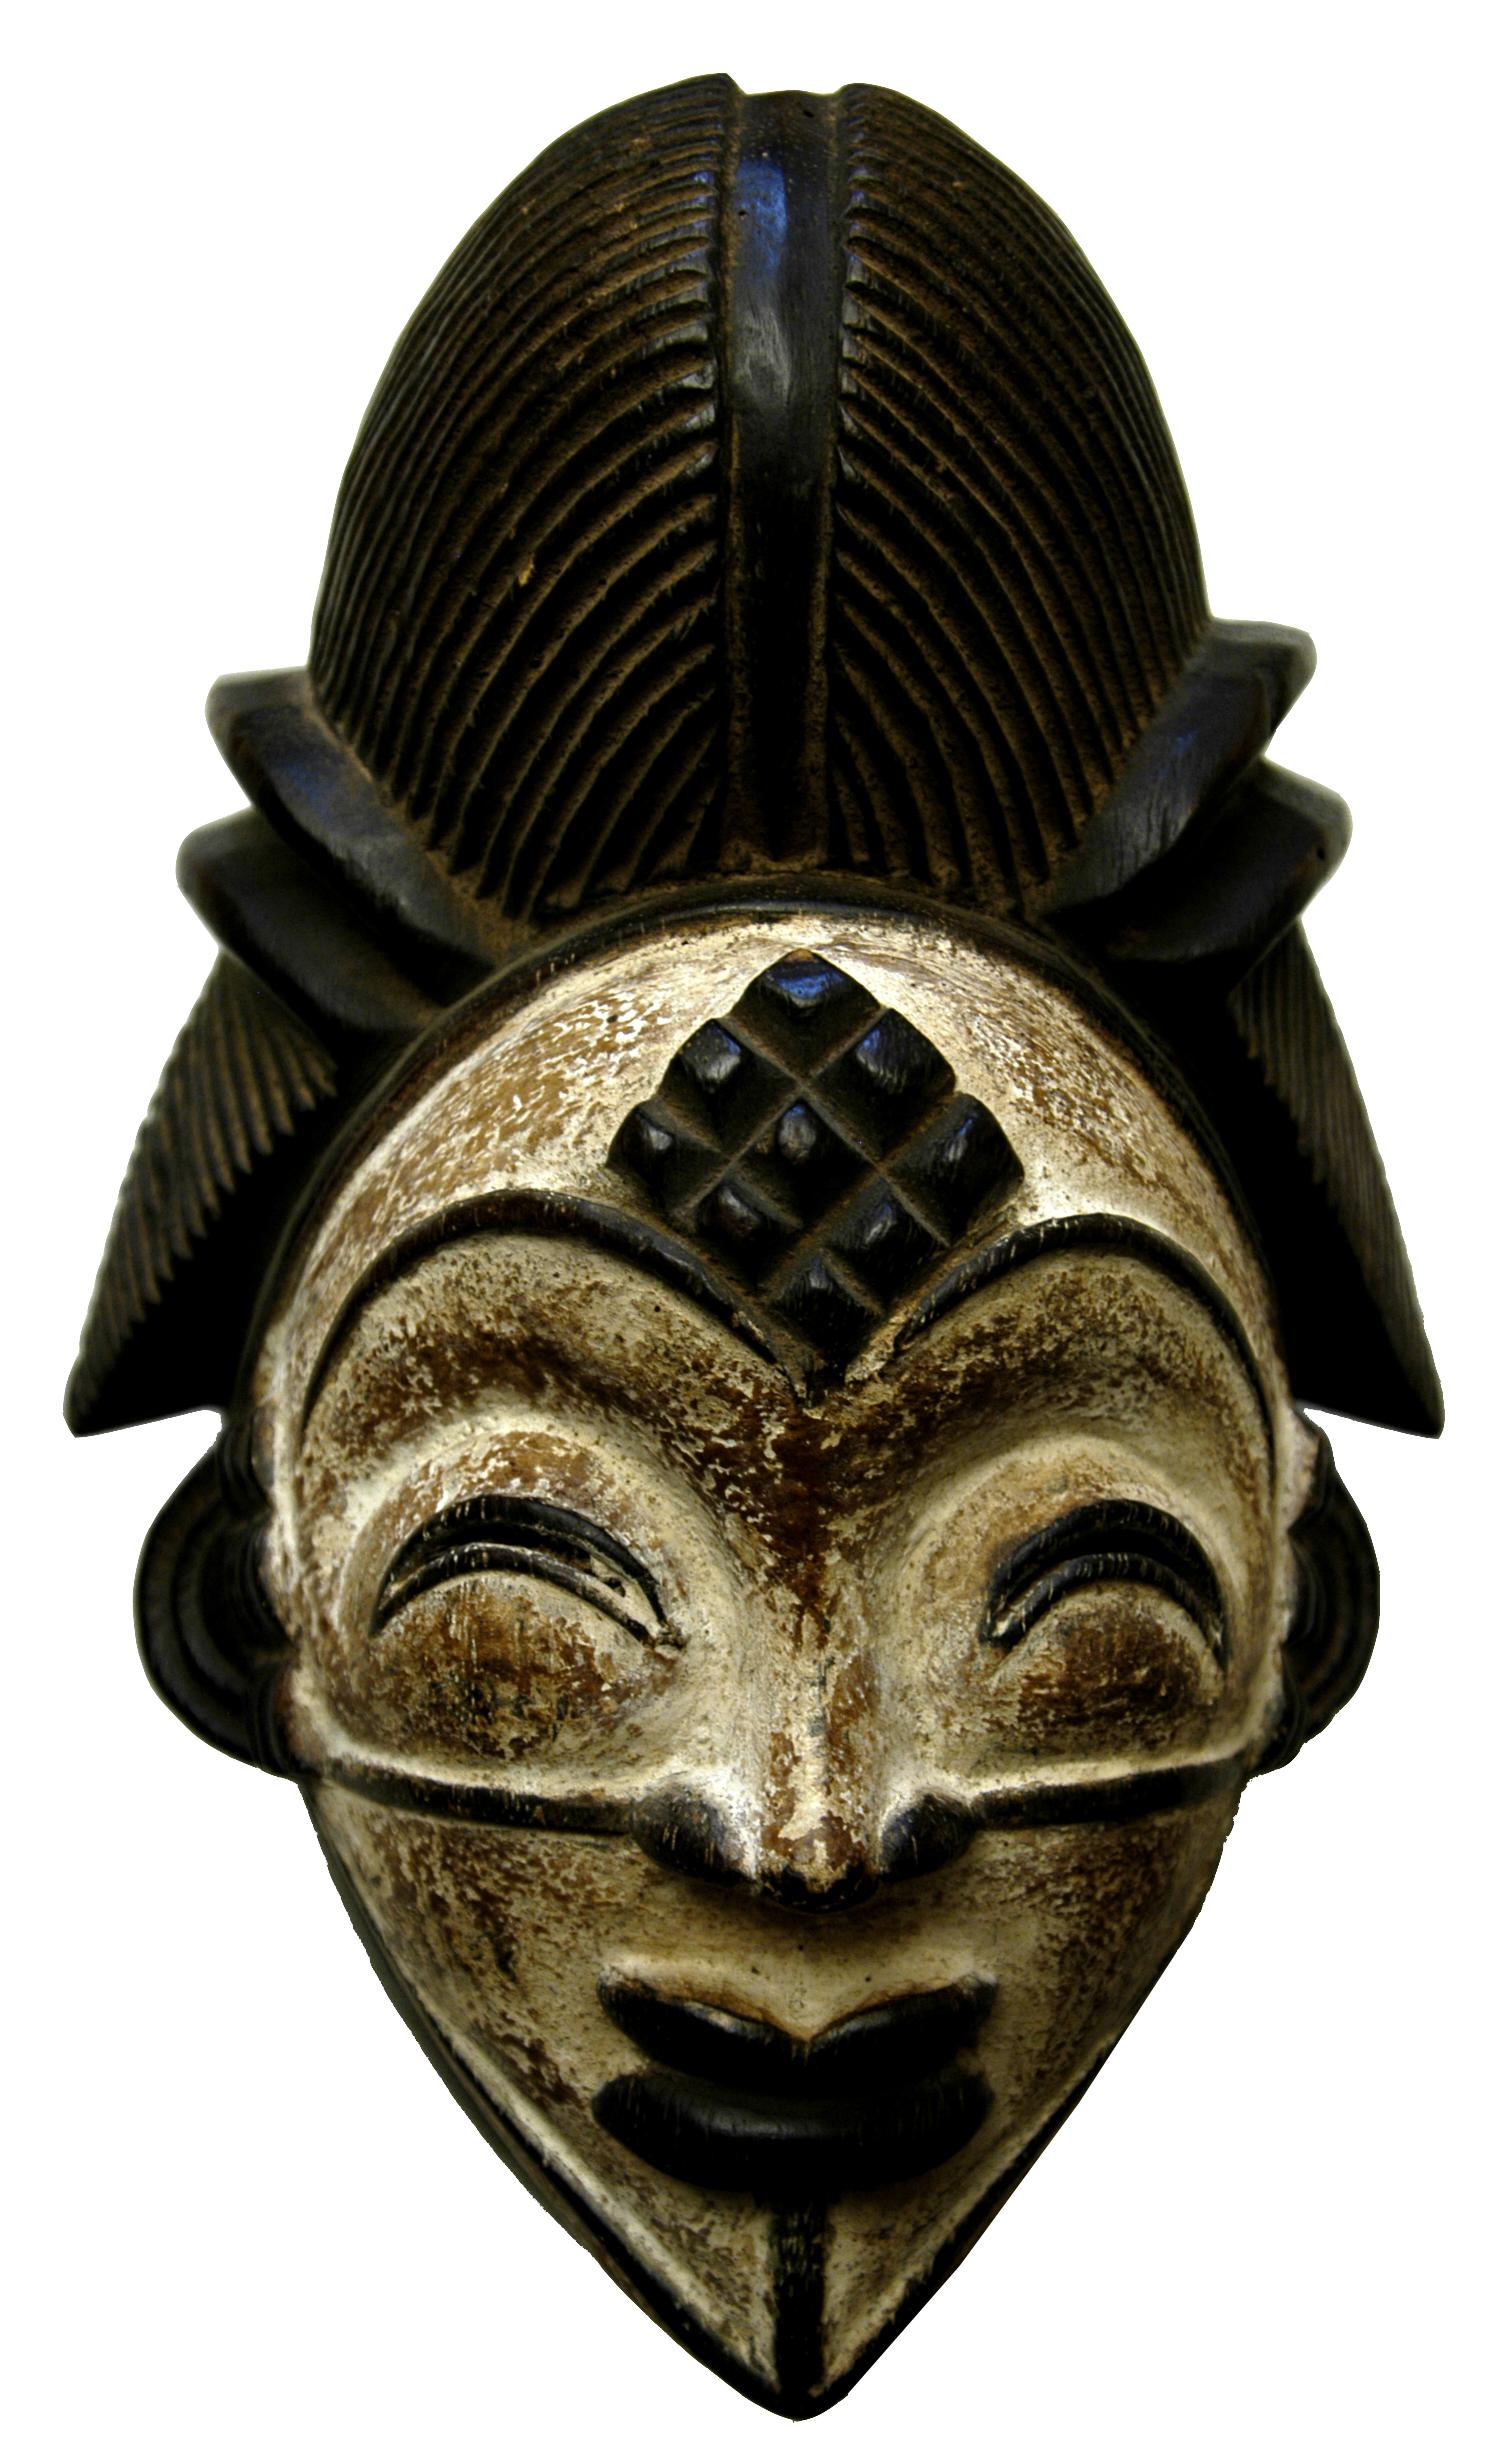 Mască funerară africană